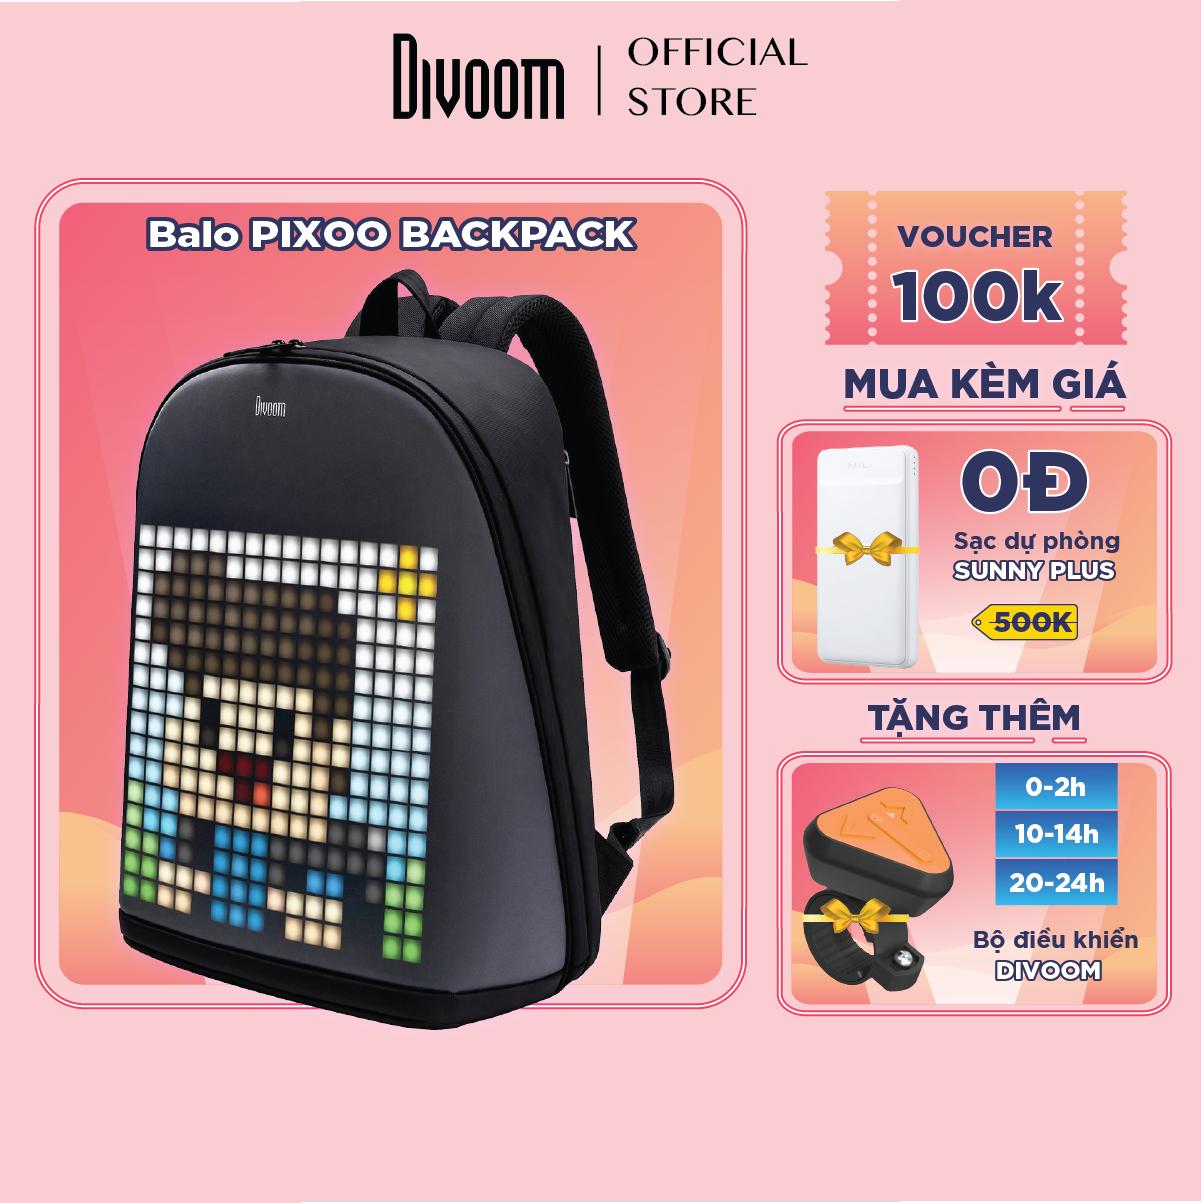 [SĂN VOUCHER 100K] Balo Divoom – Pixoo backpack có màn hình LED tùy chỉnh bằng APP, ngăn chứa lớn vừa Laptop 13 Inch, chống thấm nước cho hoạt động ngoài trời